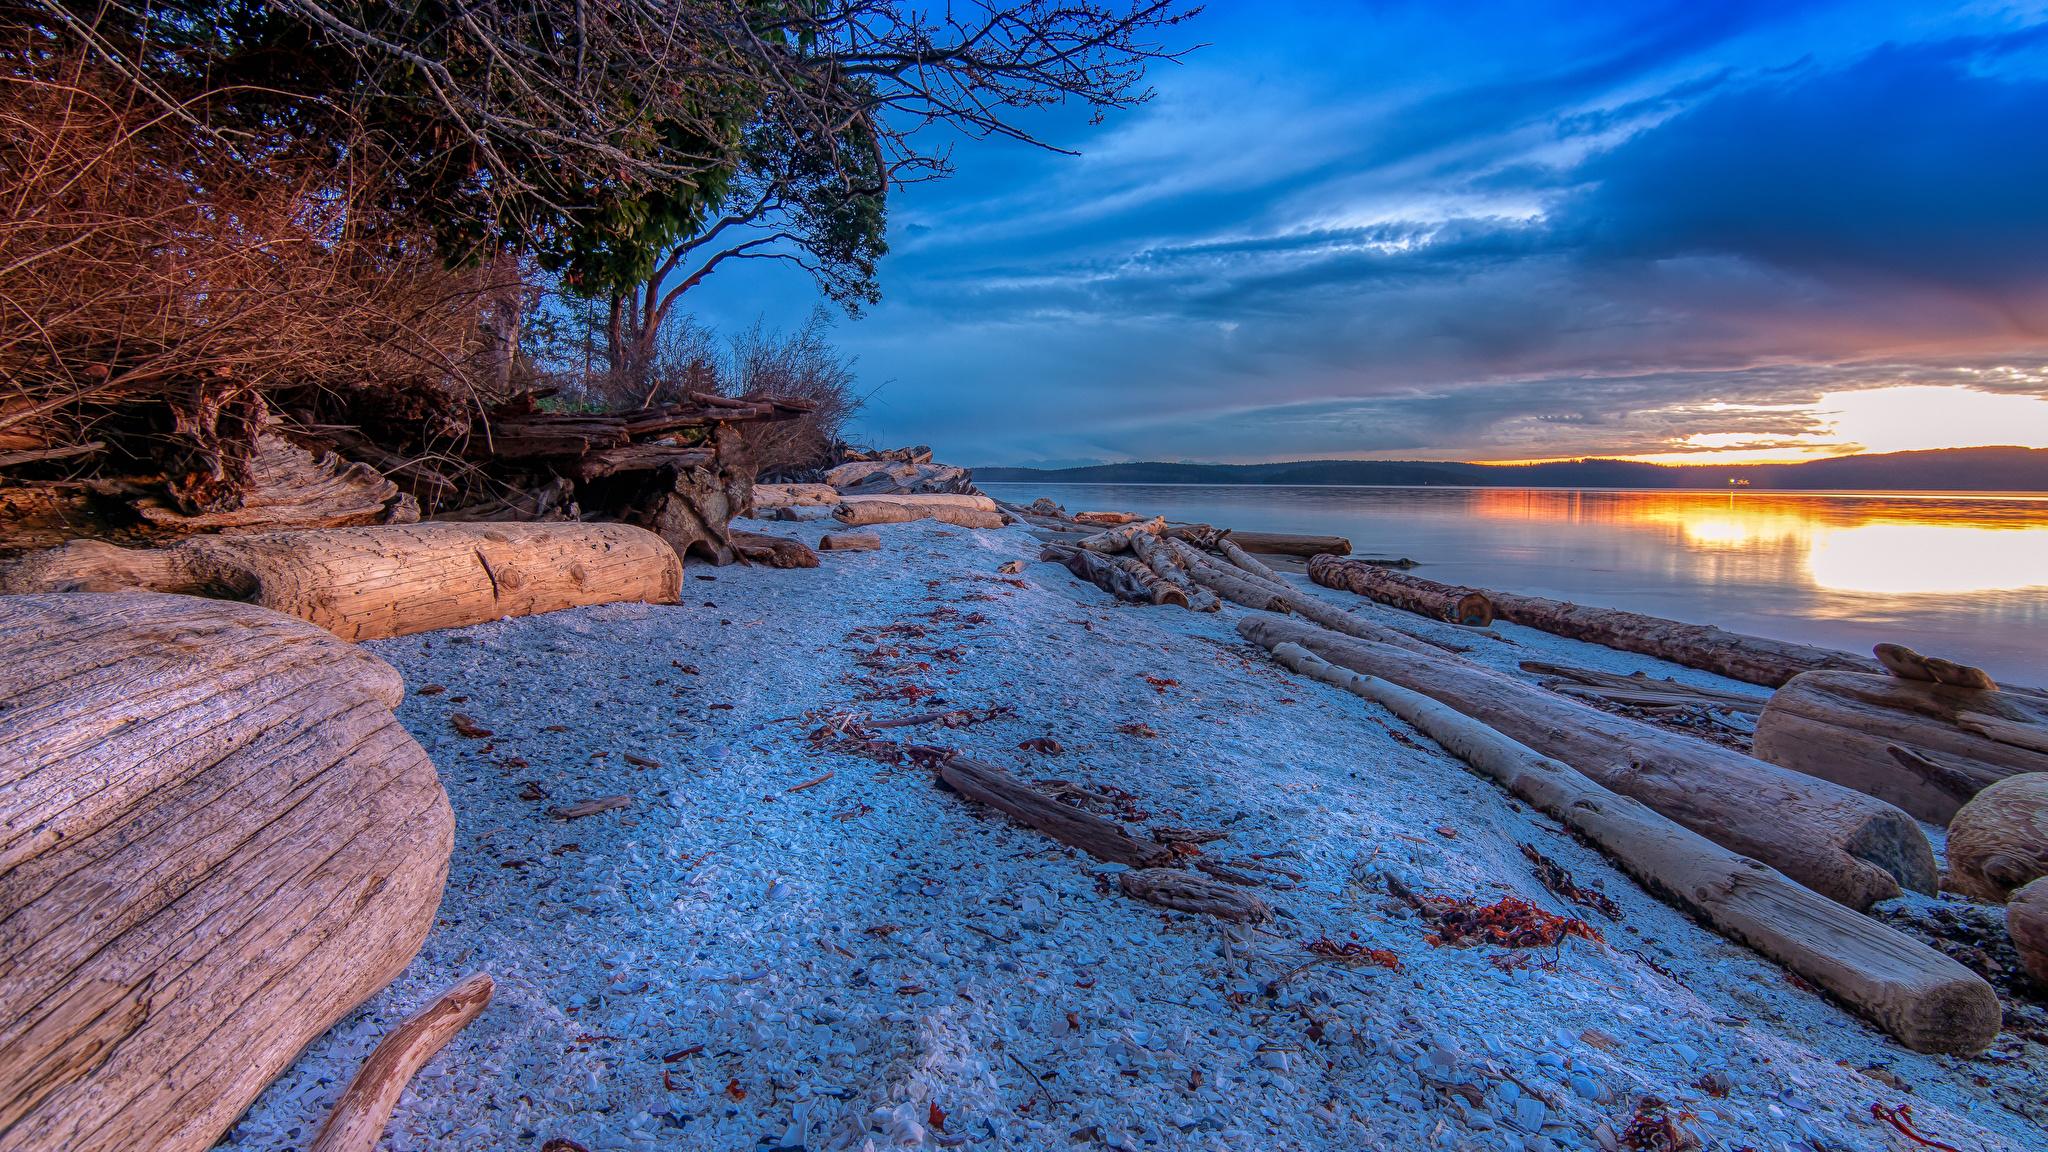 Картинка Япония Numata Бревна Природа Снег Рассветы и закаты берег речка 2048x1152 Реки Побережье